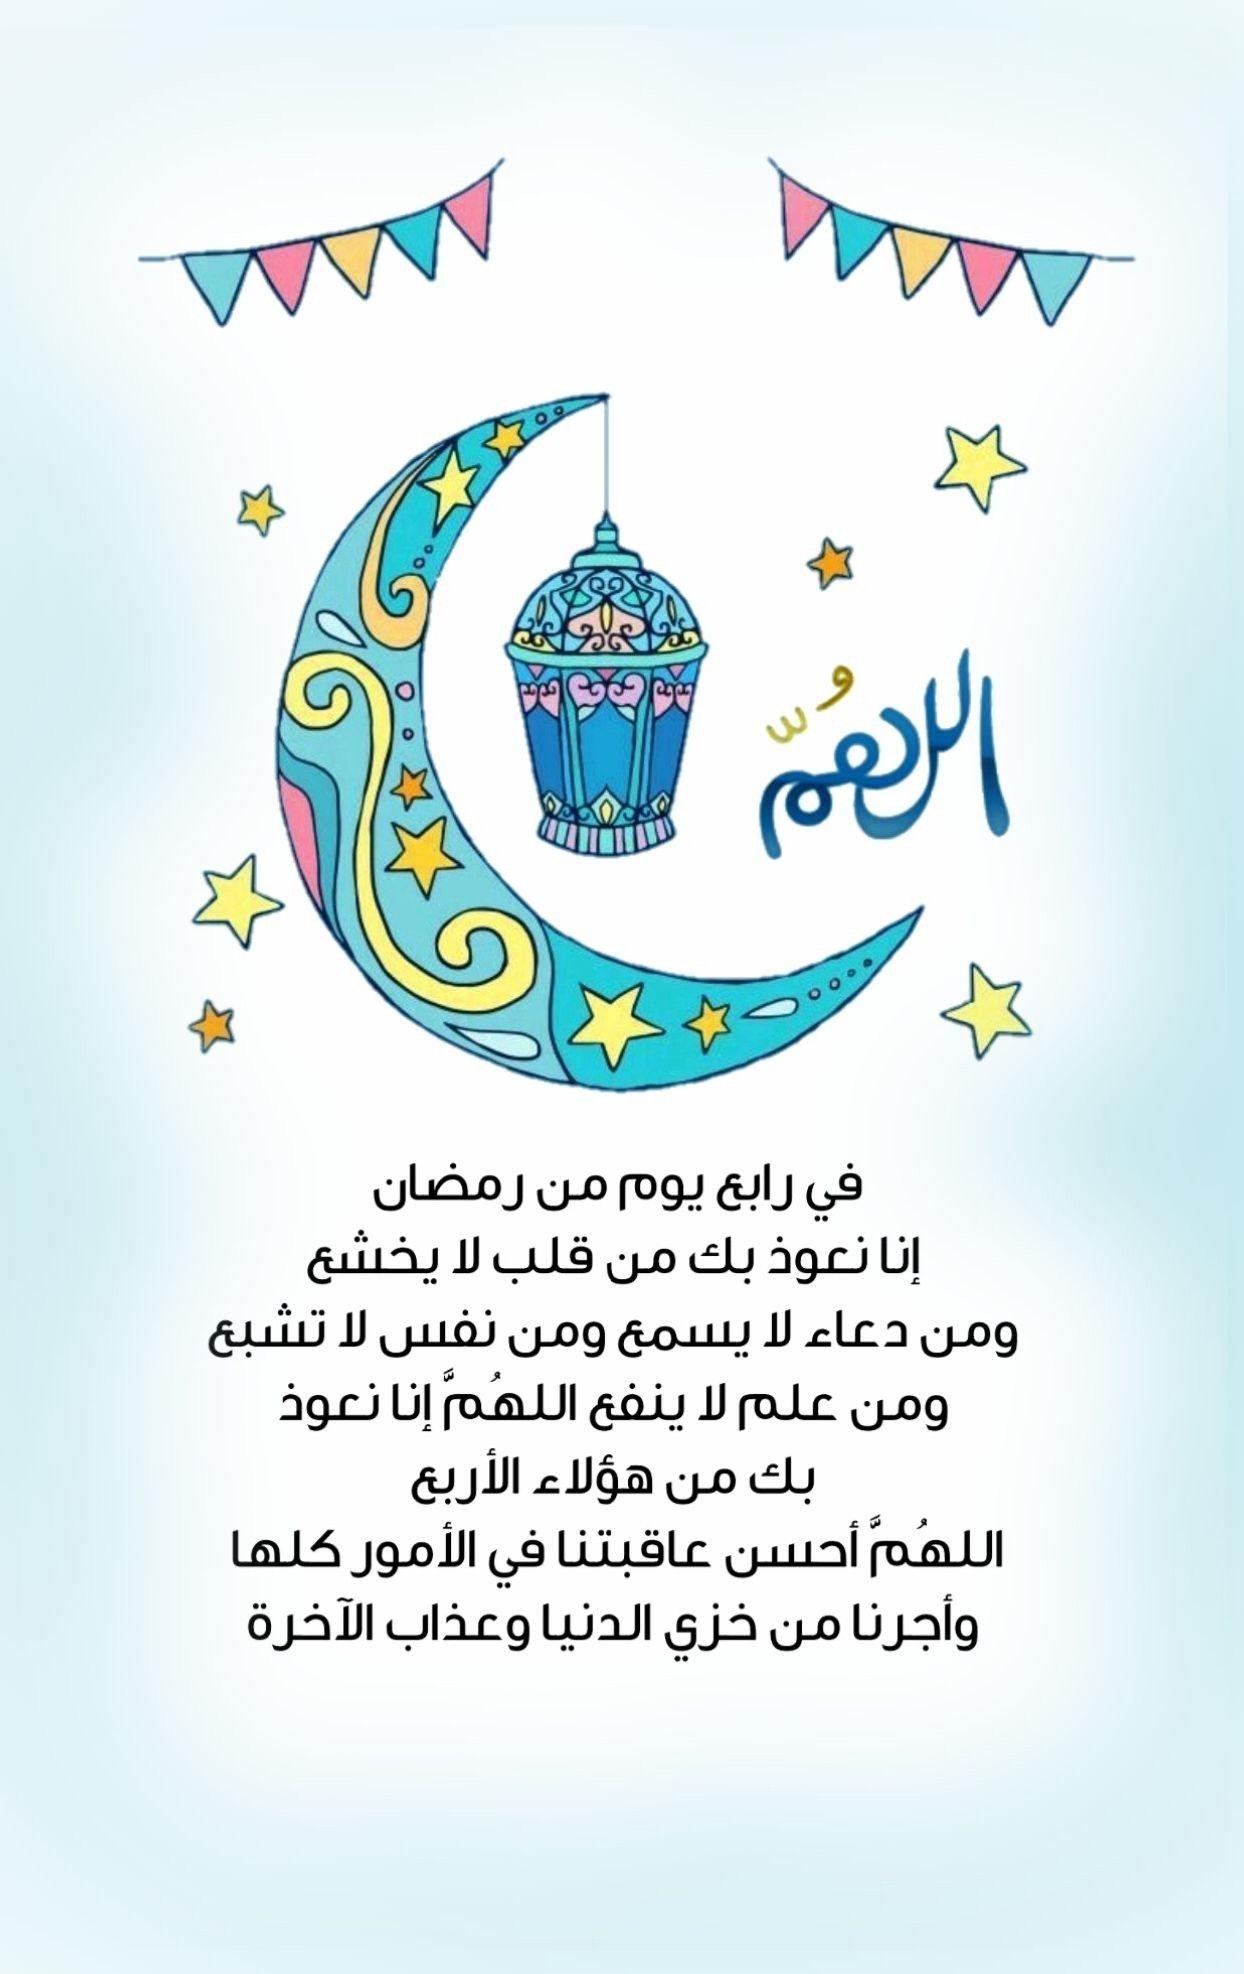 الله م في رابع يوم من رمضان إنا نعوذ بك من قلب لا يخشع ومن دعاء لا يسمع ومن نفس لا تشبع ومن علم لا ينفع الله Ramadan Crafts Ramadan Activities Ramadan